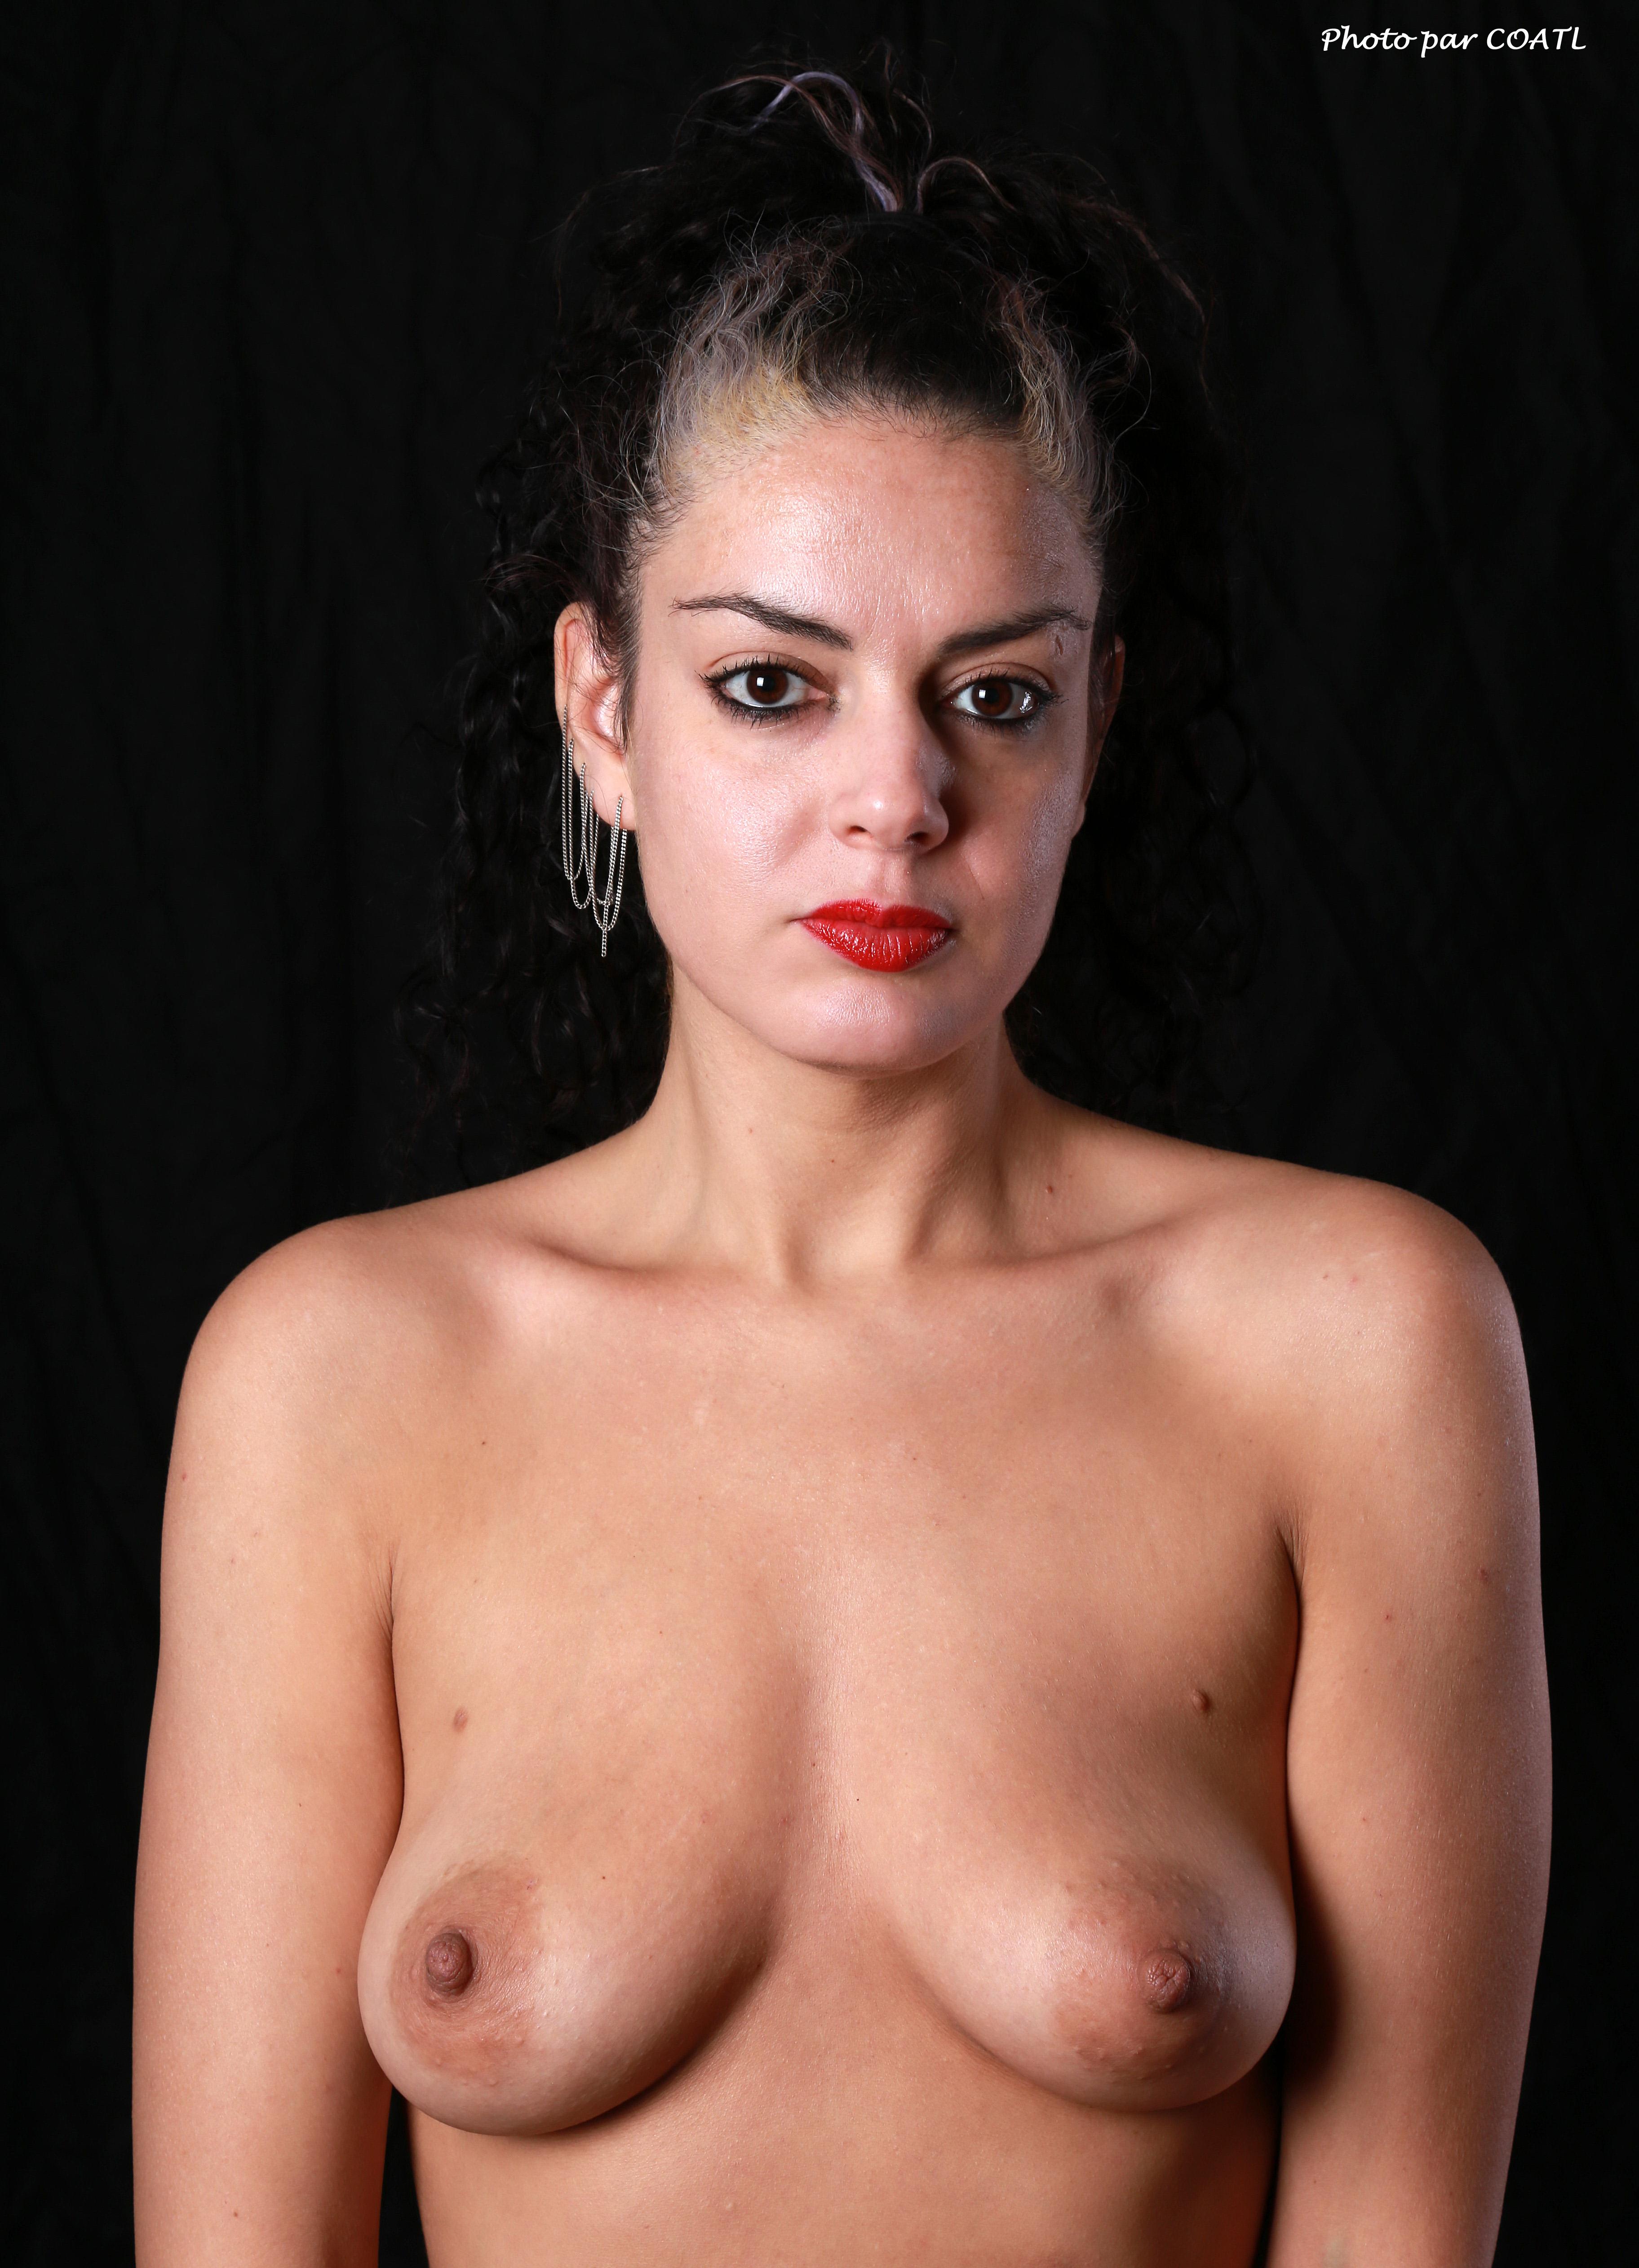 Shérazade, portrait